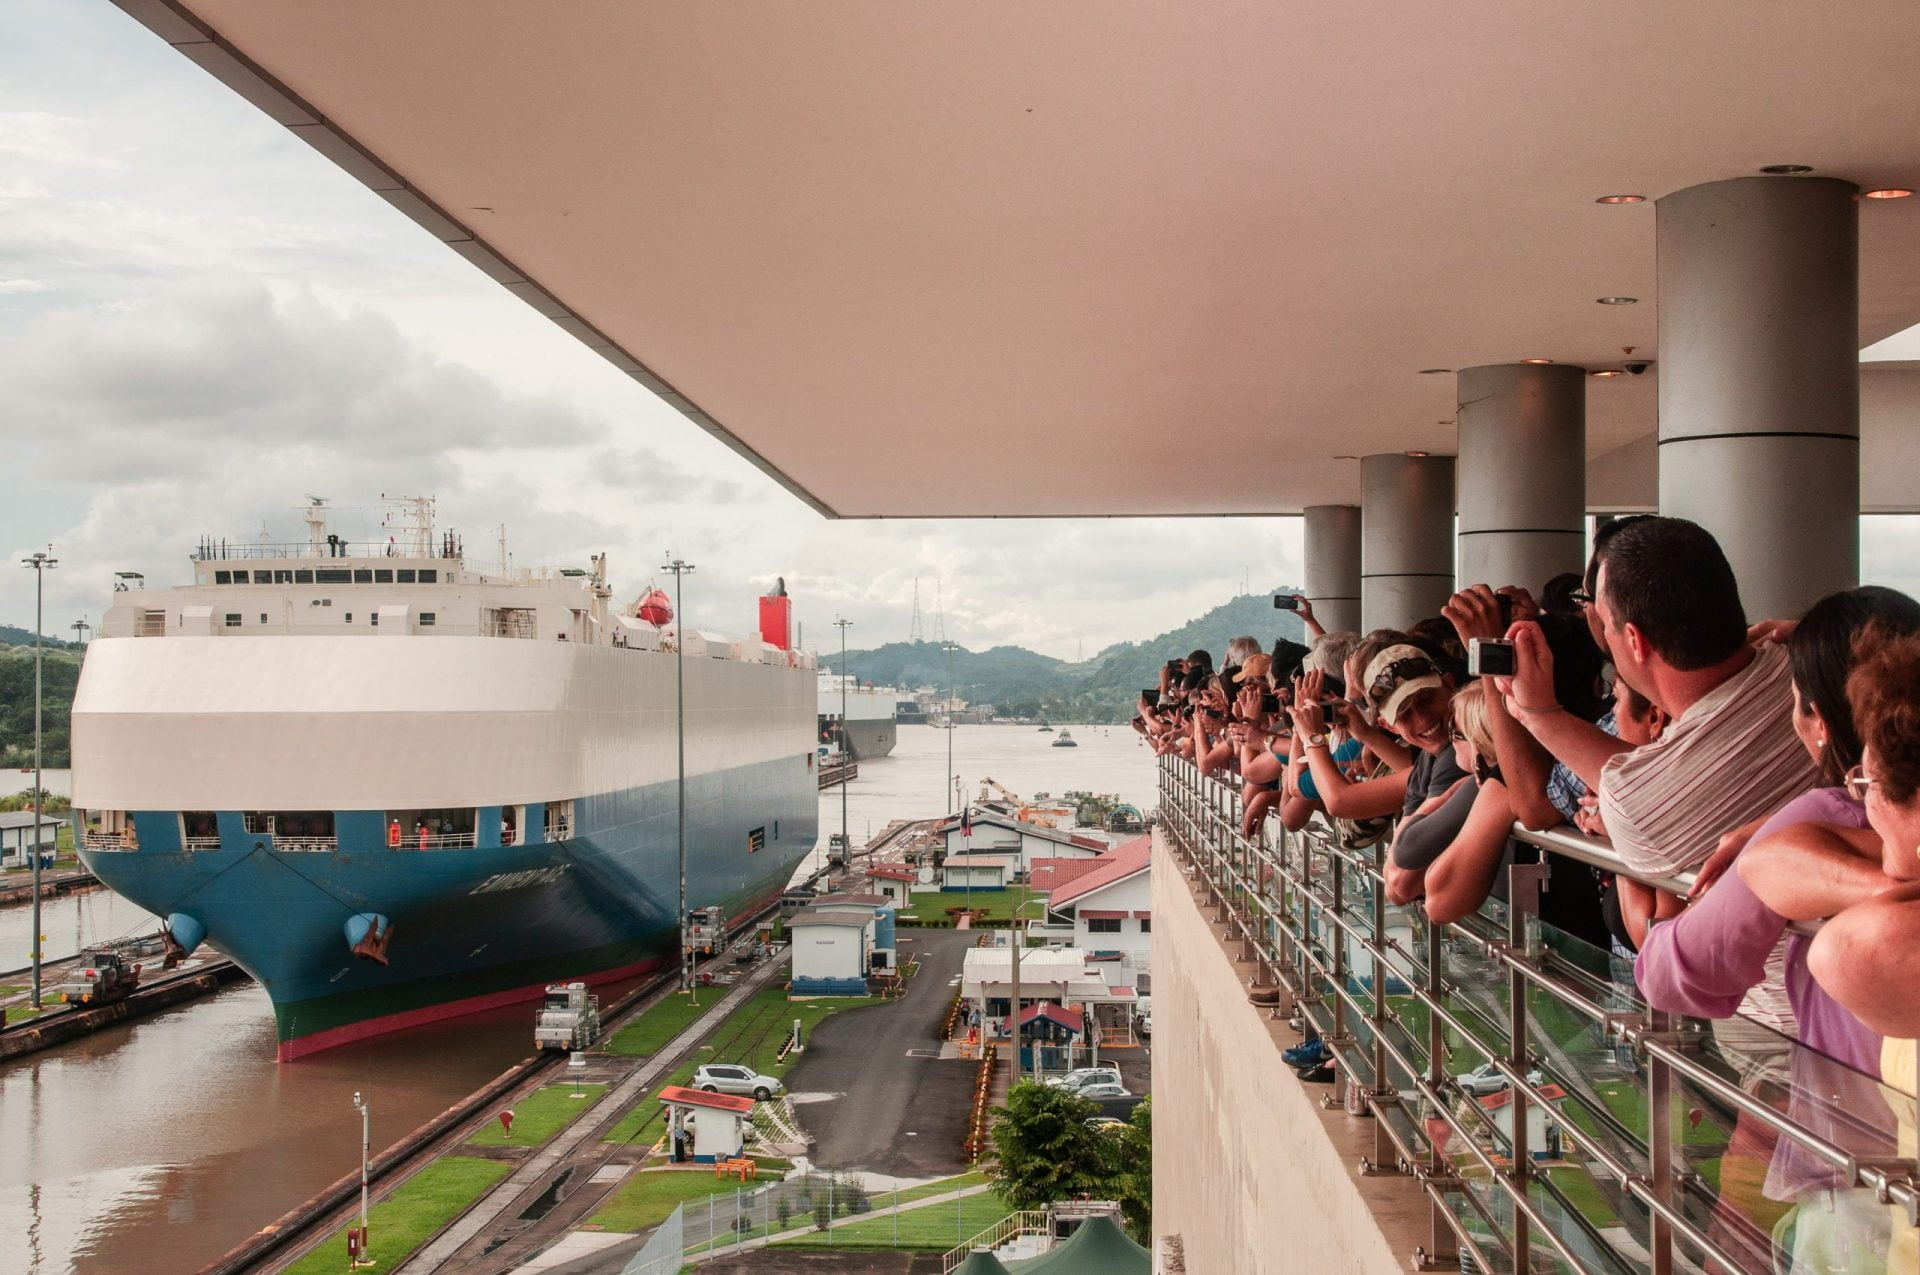 Panama city 23 scaled - Les globe blogueurs - blog voyage nature